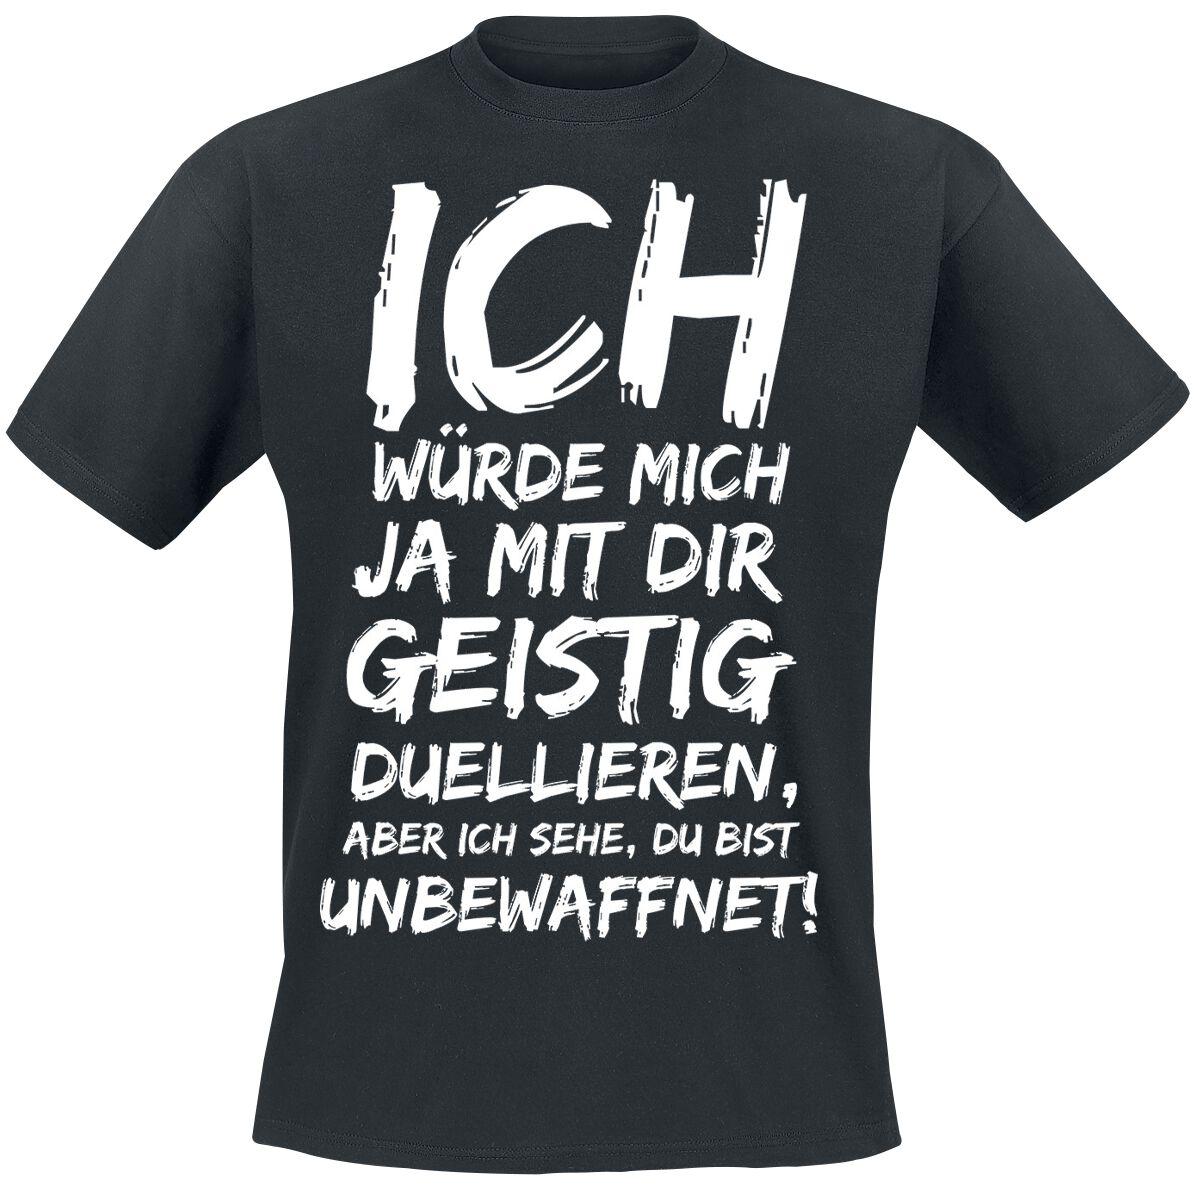 Geistig Duellieren T Shirt Emp